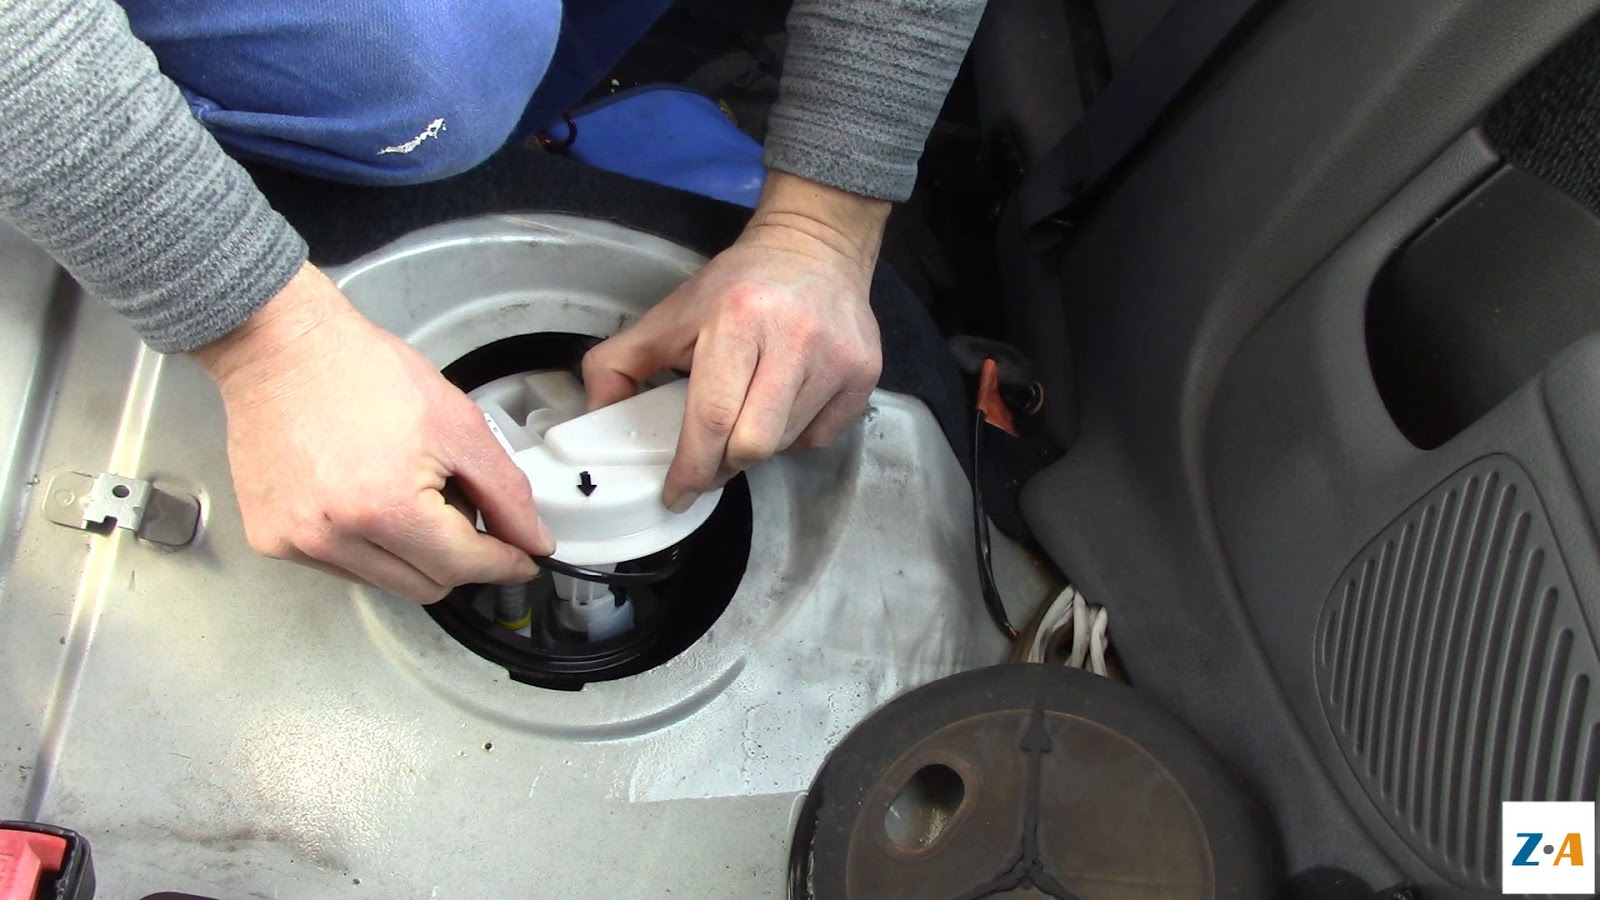 Le joint assurant l'étanchéité entre la pompe et le réservoir